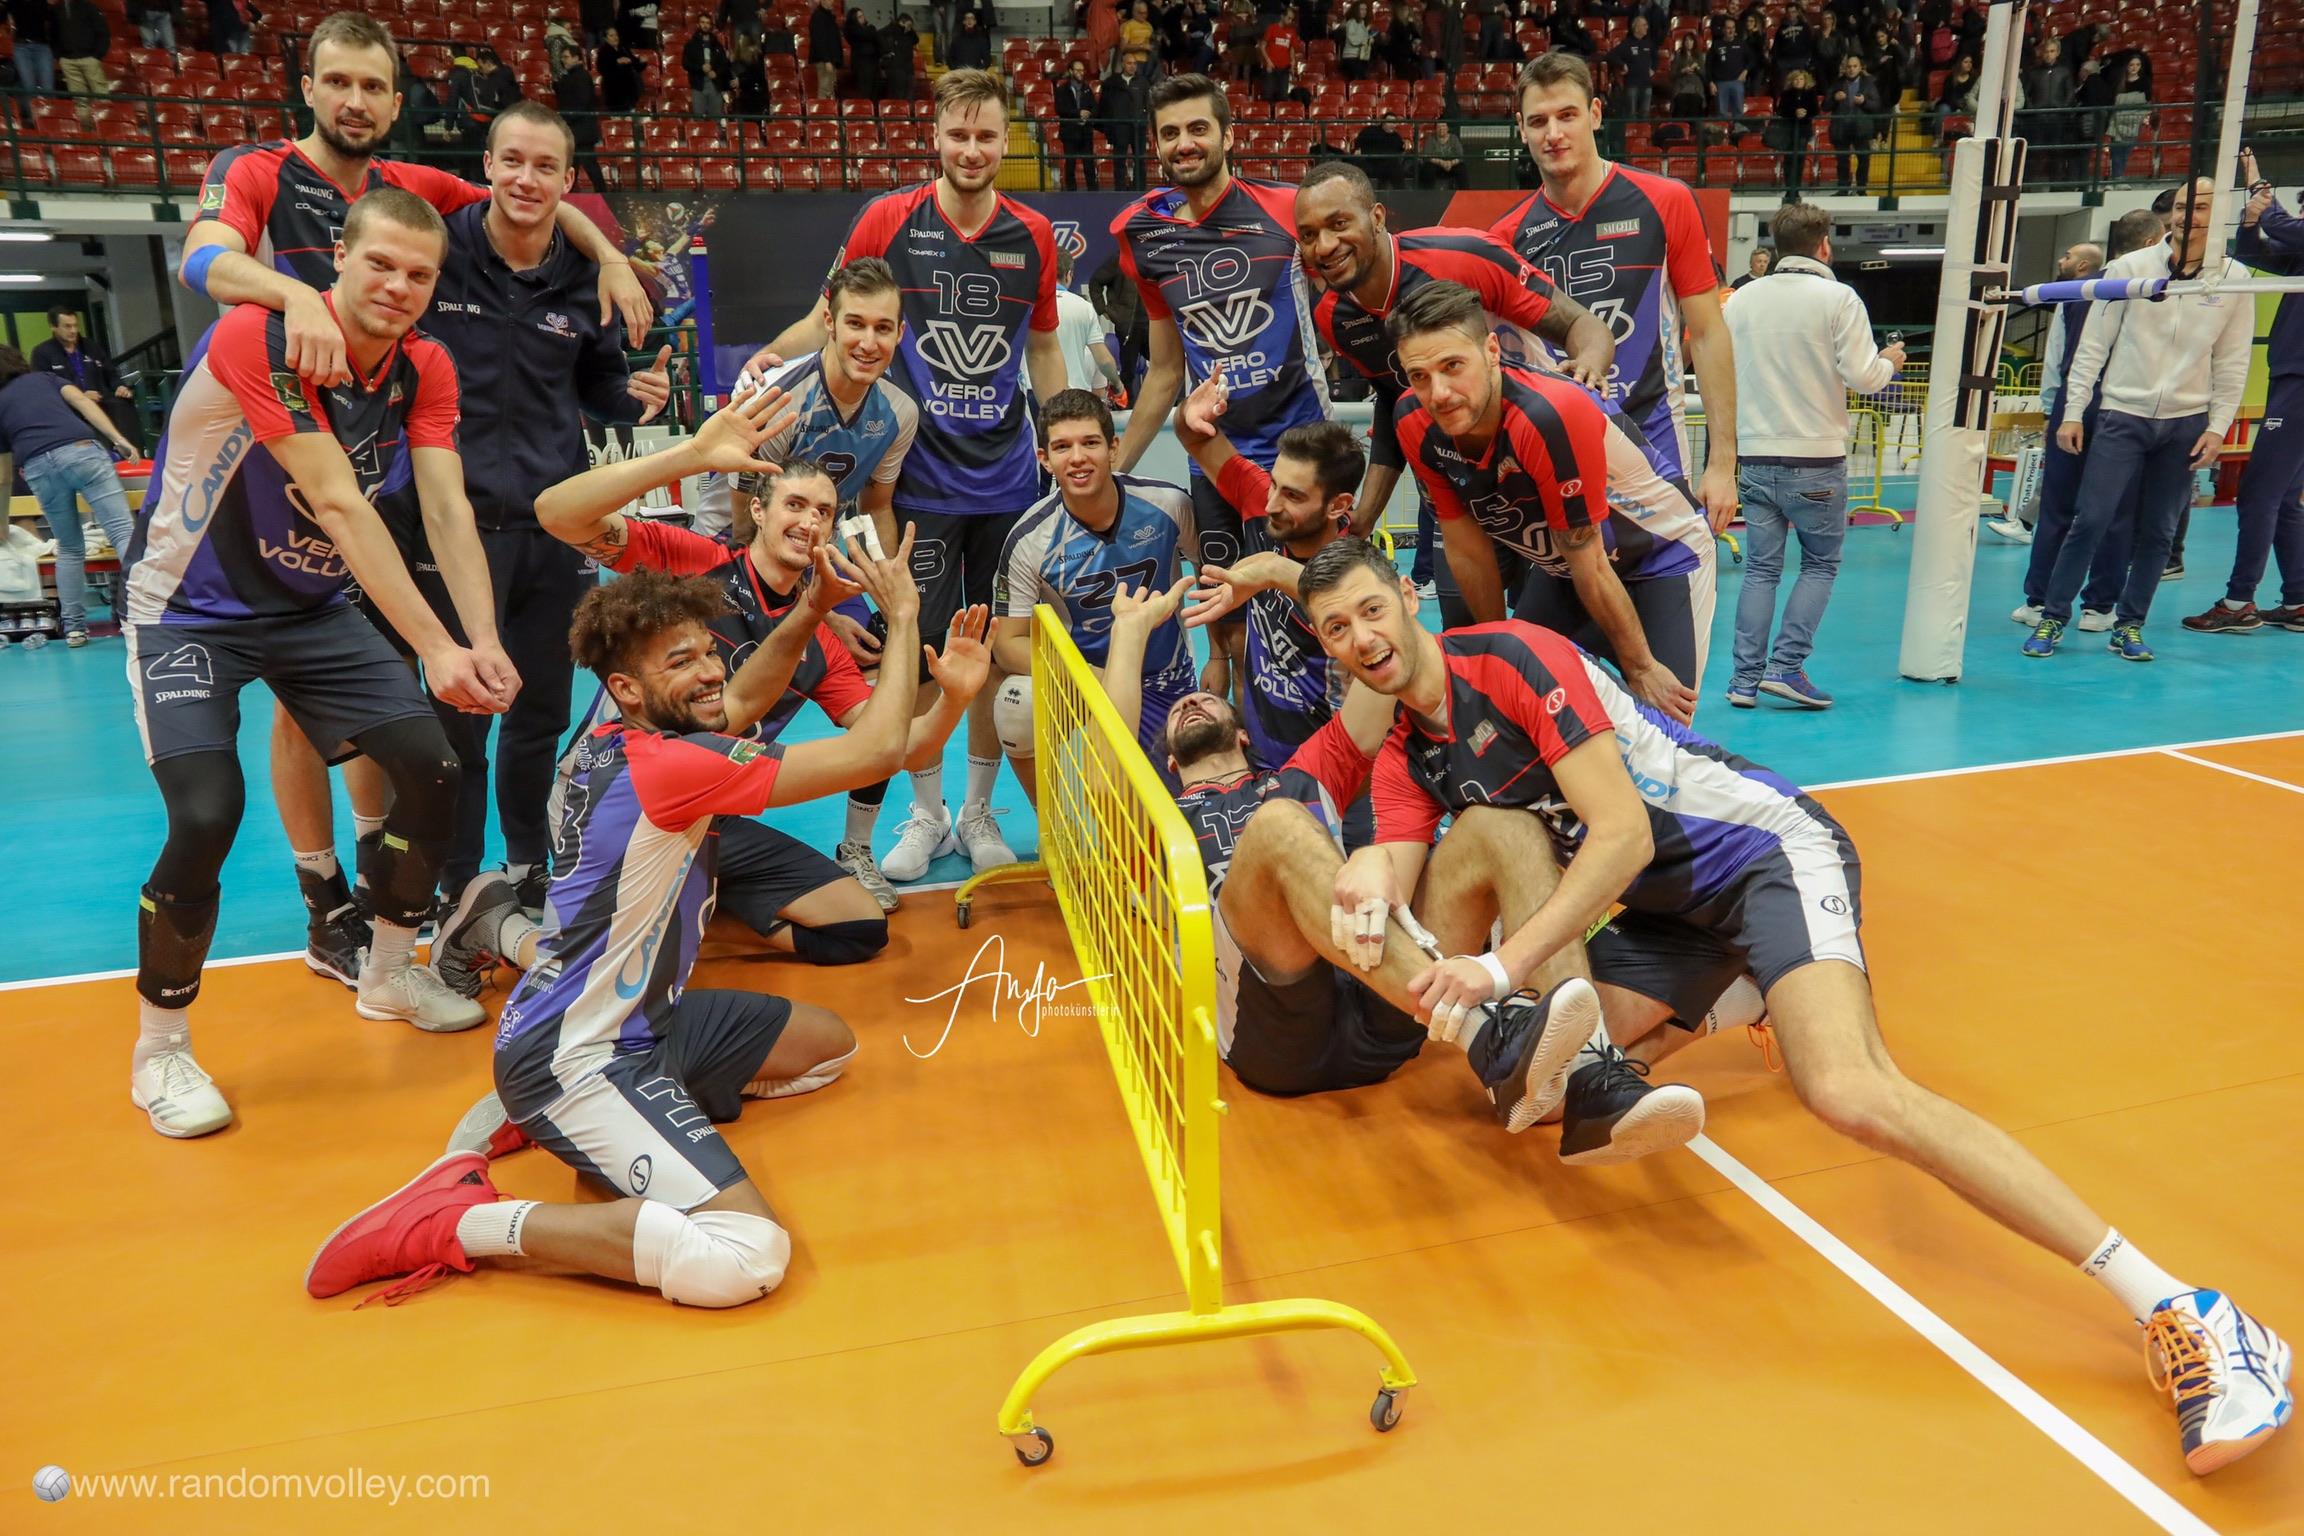 Challenge Cup: Monza-Crvena zvezda 3:1